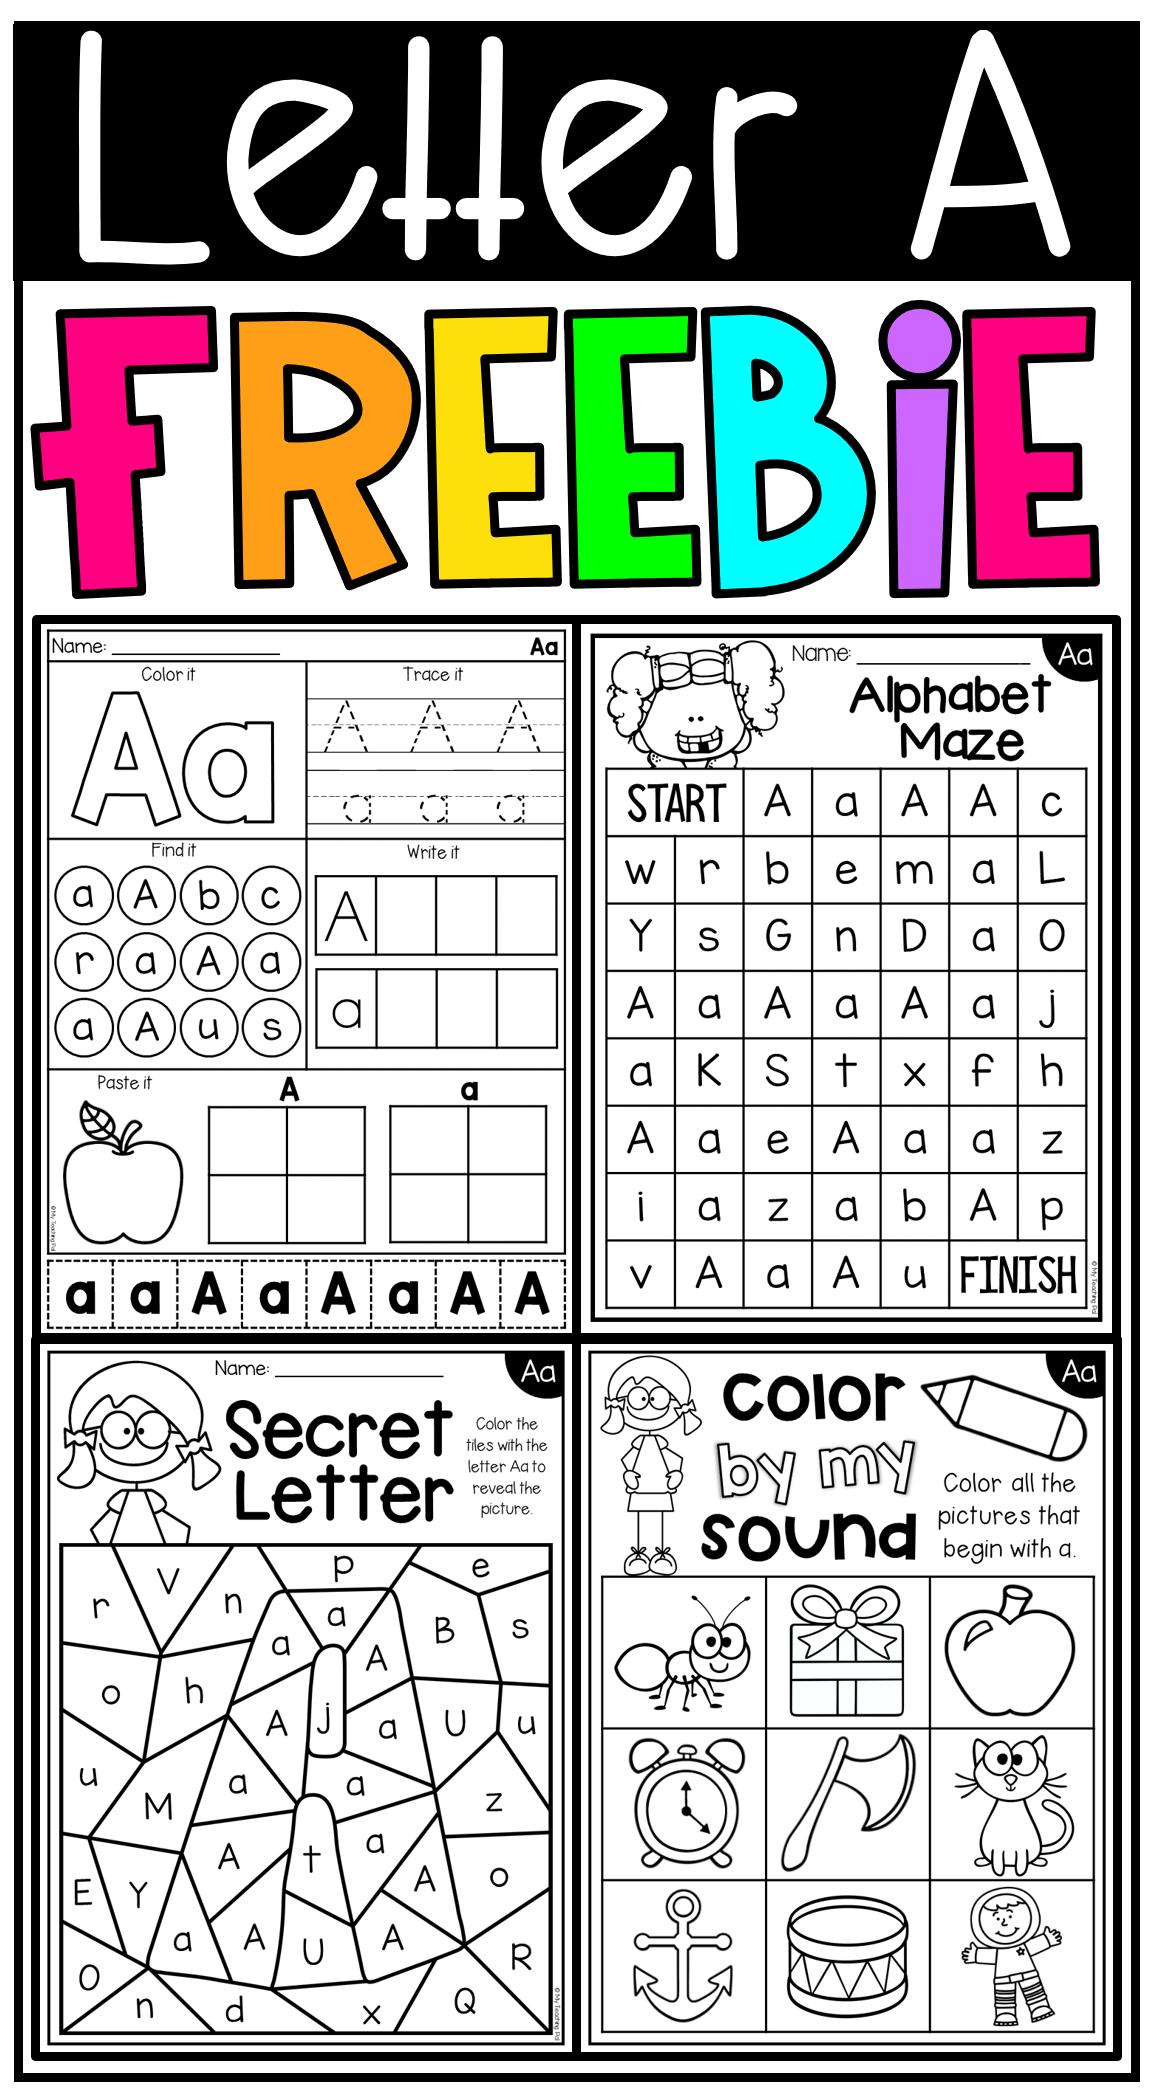 Free Letter A Alphabet Worksheets